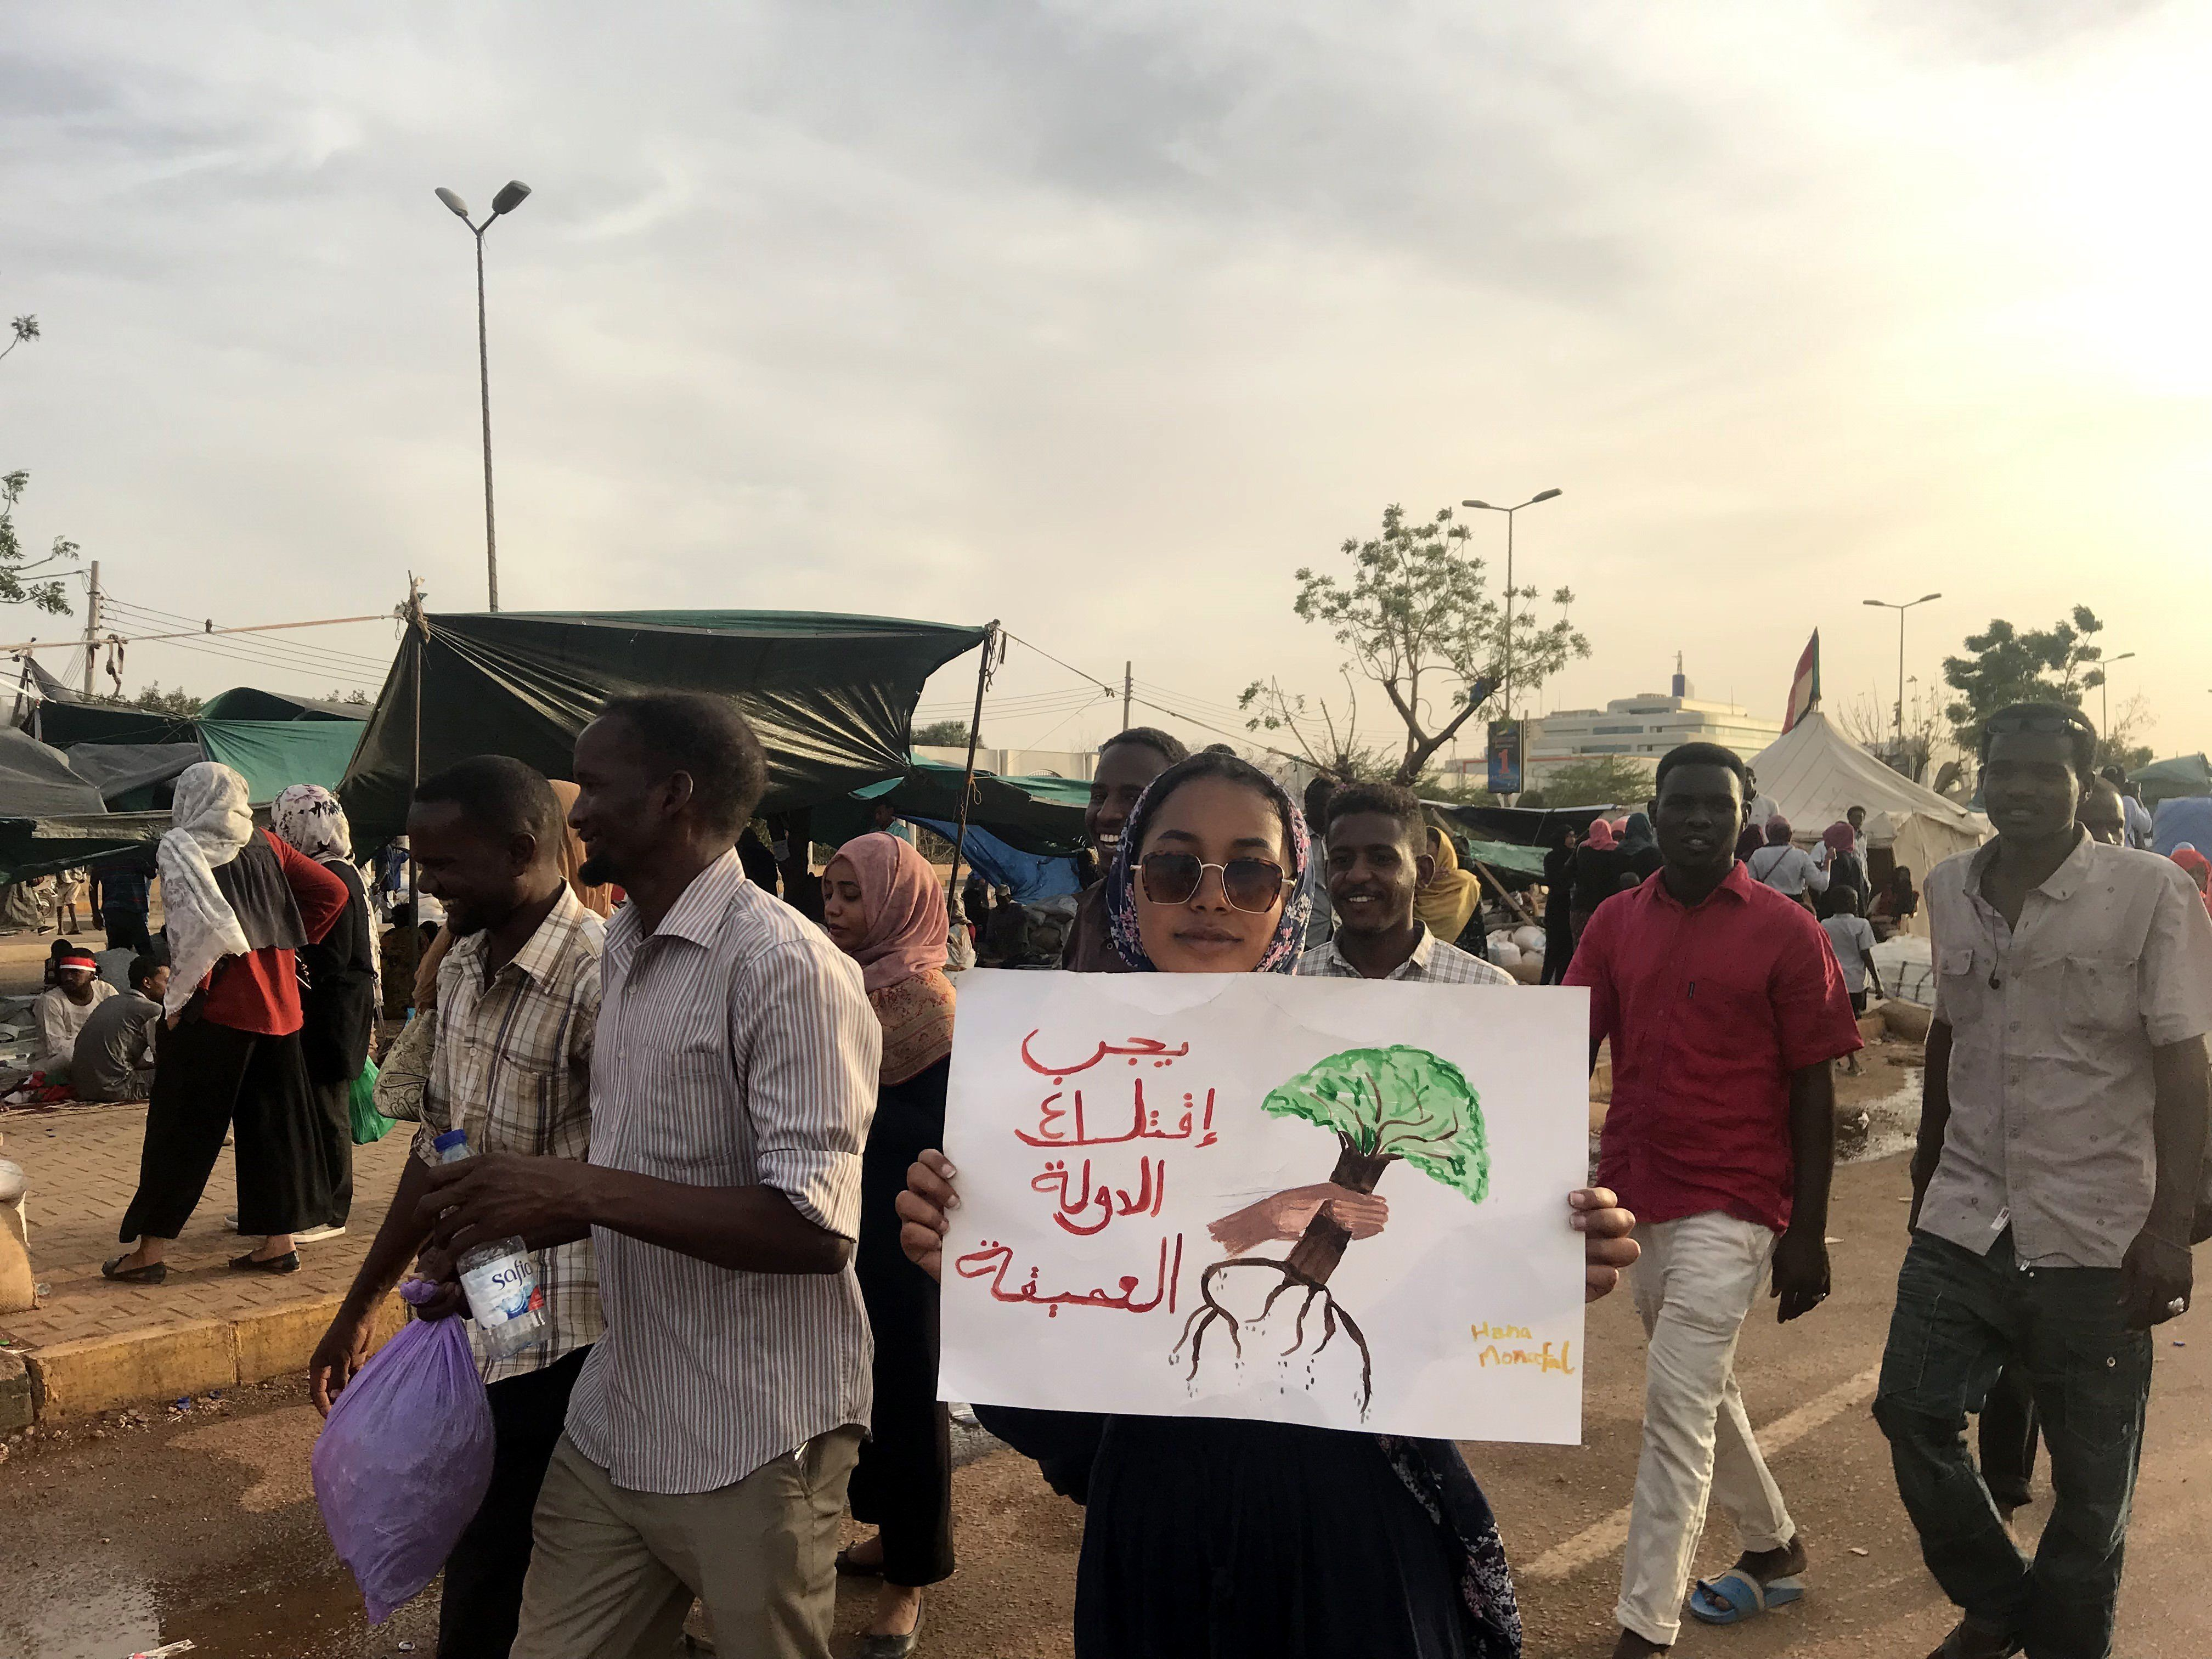 수단 군부가 민간 정권 이양을 약속했다. 시위대는 만족하지